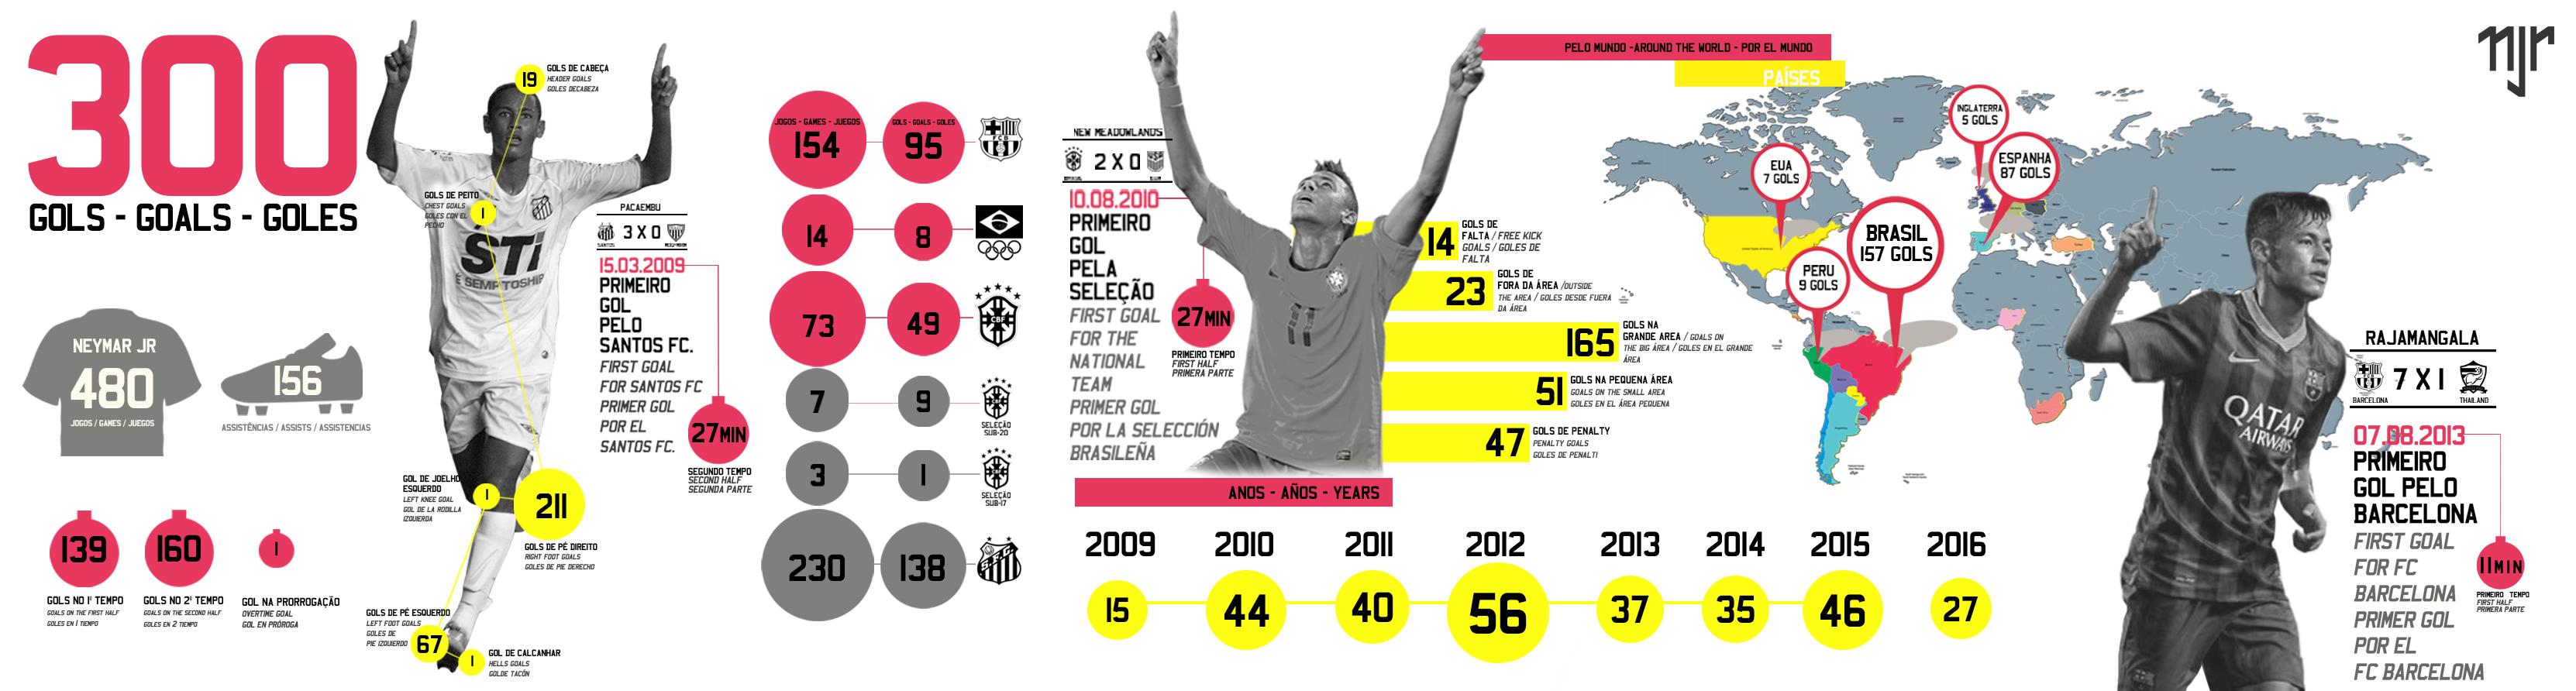 7bde4f9da8 Neymar Jr.